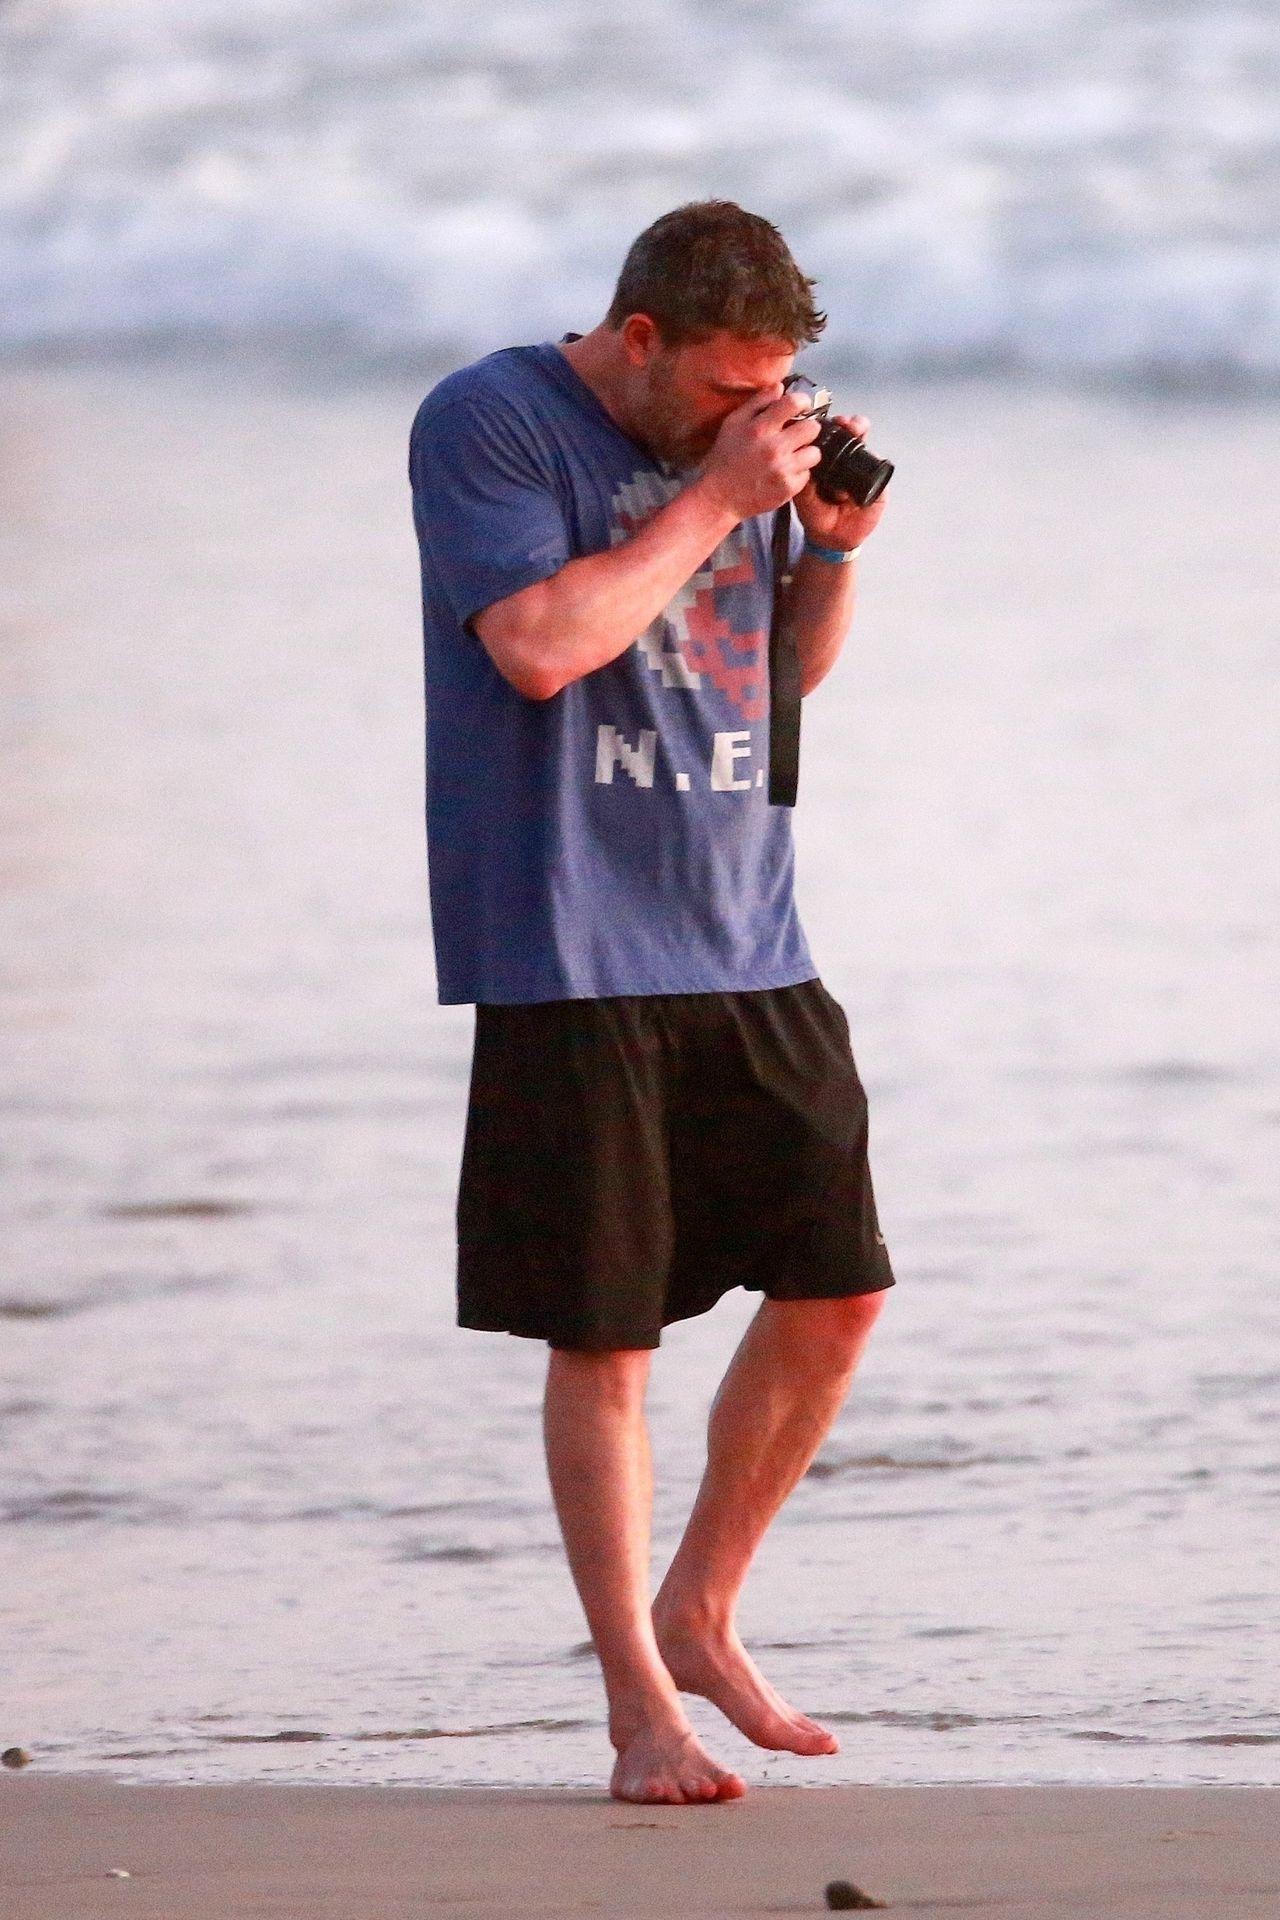 Ben Affleck & Ana De Armas Enjoy A Pda Moment During Romantic Beach Stroll In Costa Rica 0039